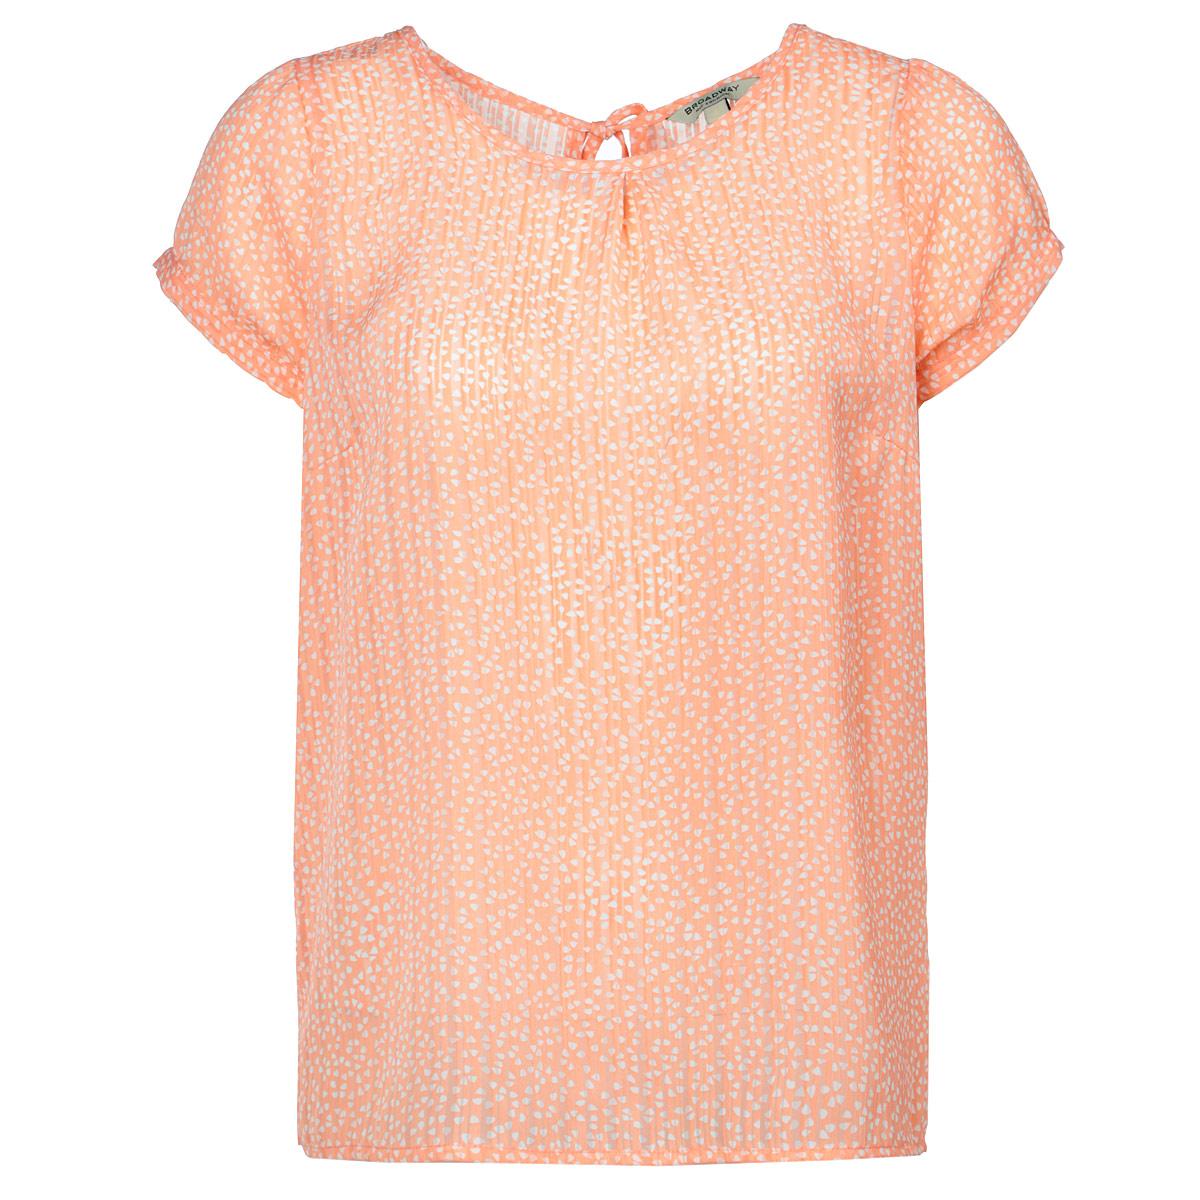 Блузка10149954 240-peach graphic printВоздушная блузка Broadway с коротким рукавом сделает вас неотразимой и в будни, и в праздники. Изготовлена из тонкого полупрозрачного материала. Модель свободного силуэта, с круглым вырезом горловины. Изделие оформлено оригинальным орнаментом. Спинка с V-образным вырезом на завязках. Такая блузка займет достойное место в вашем гардеробе.